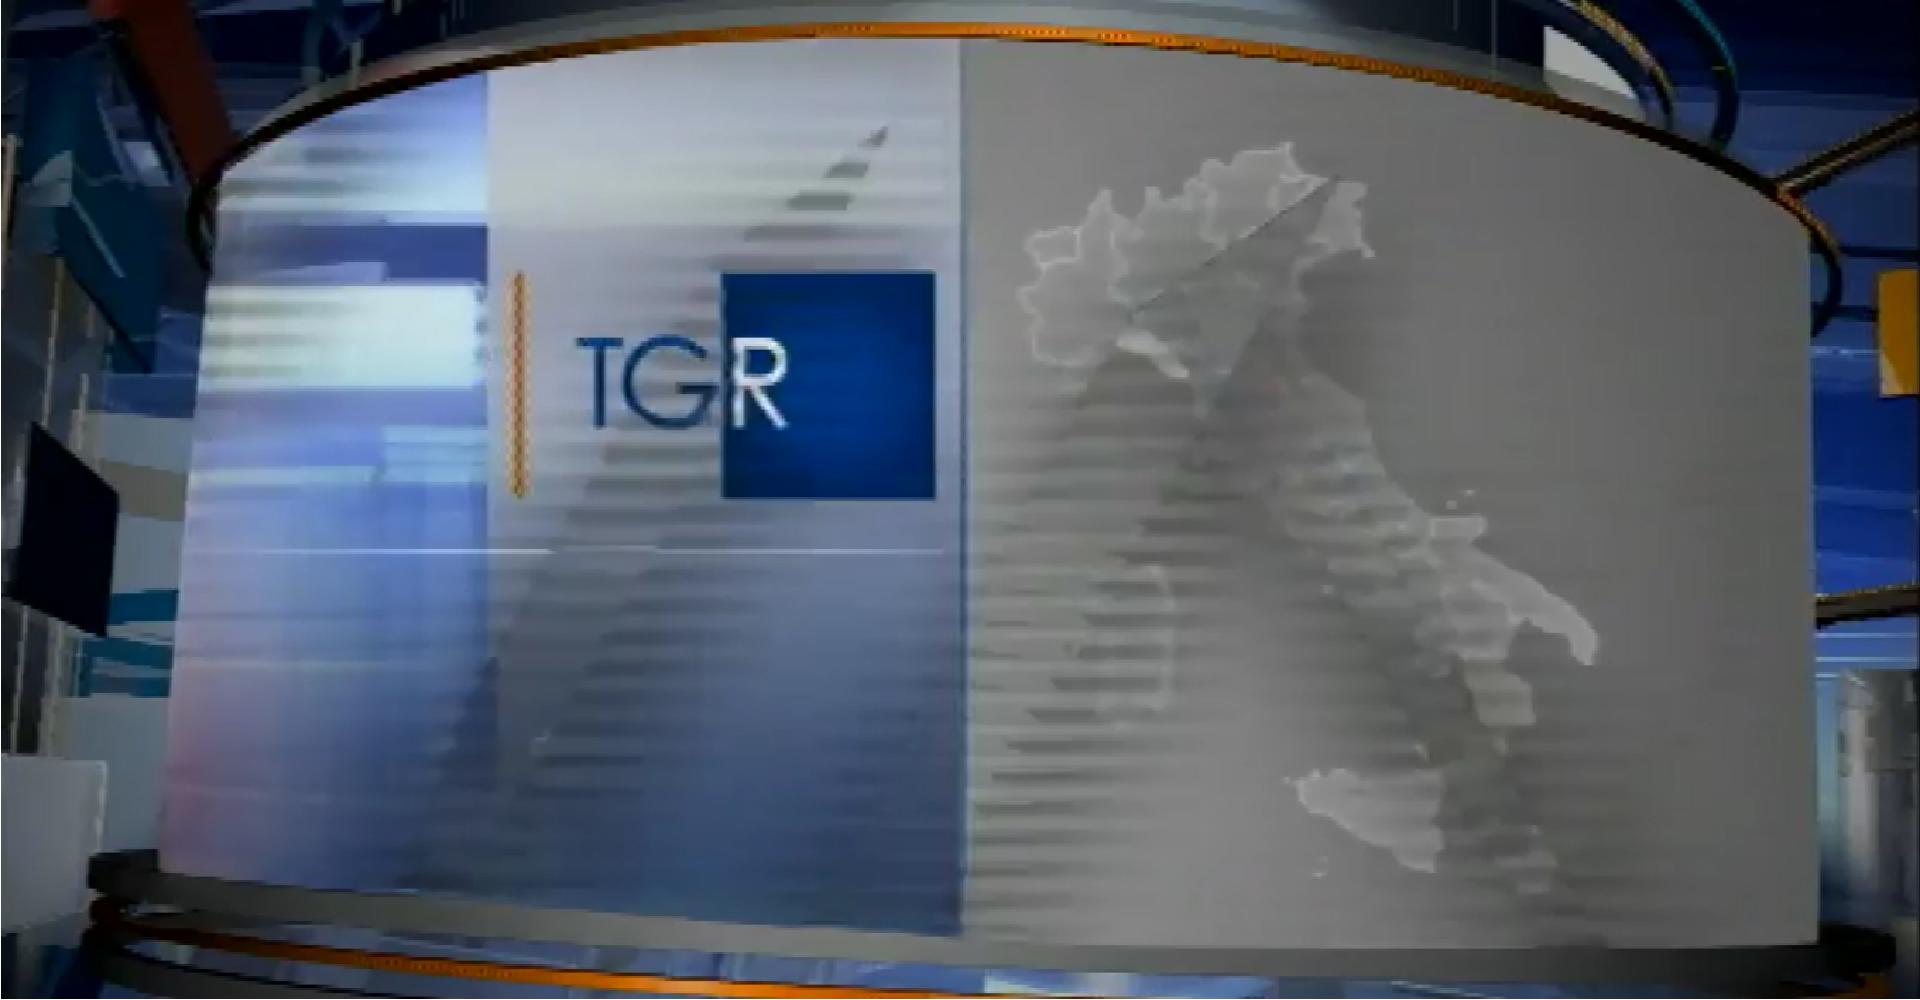 Opere Sociali Servizi Savona - Telegiornale TG3 Rai Liguria